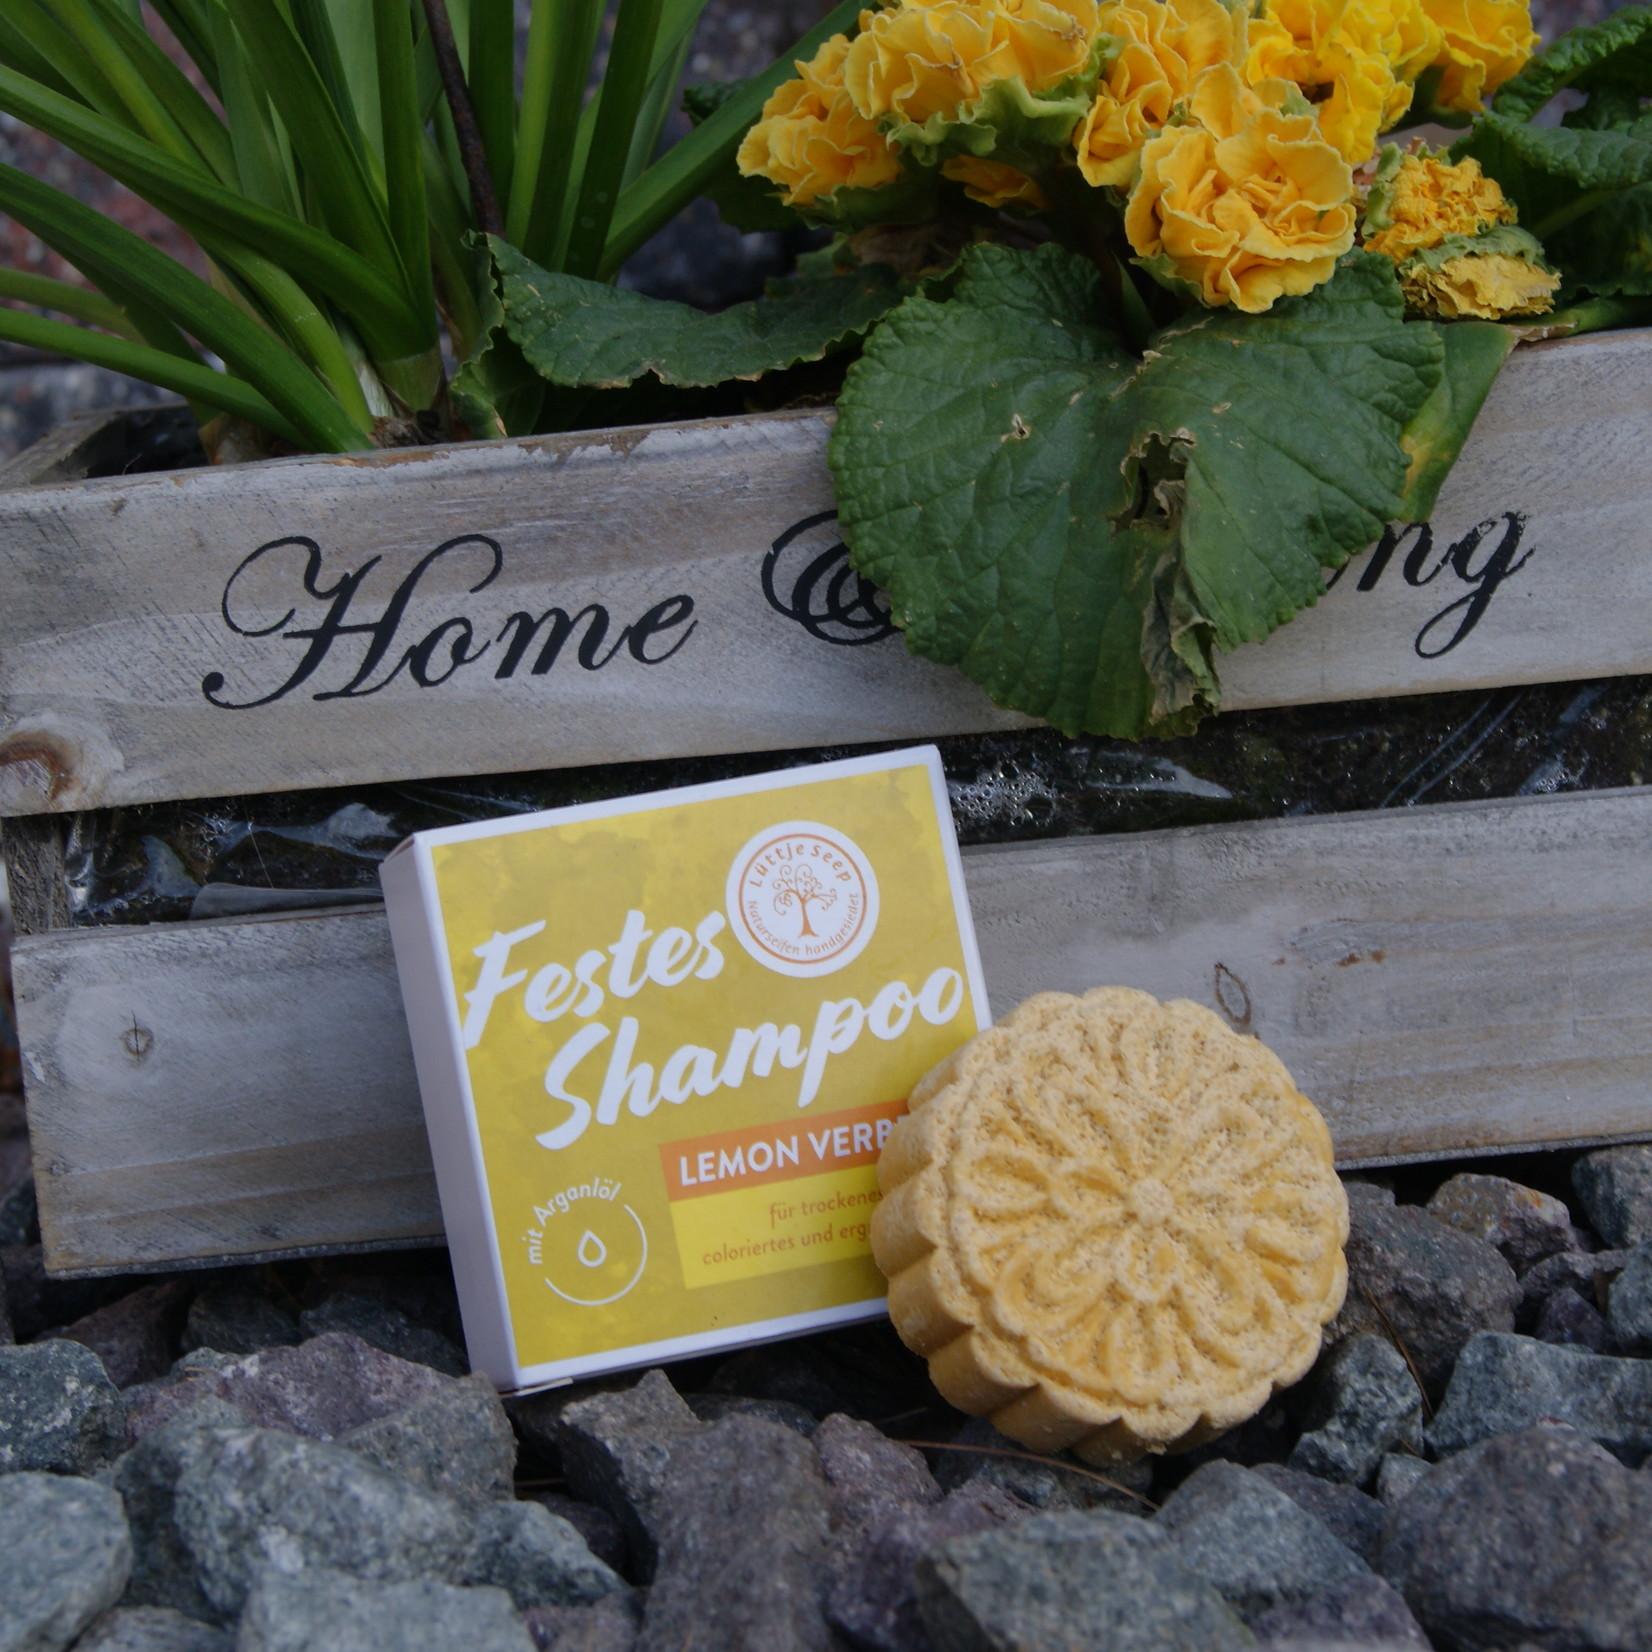 Festes Shampoo - Lemon Verbene